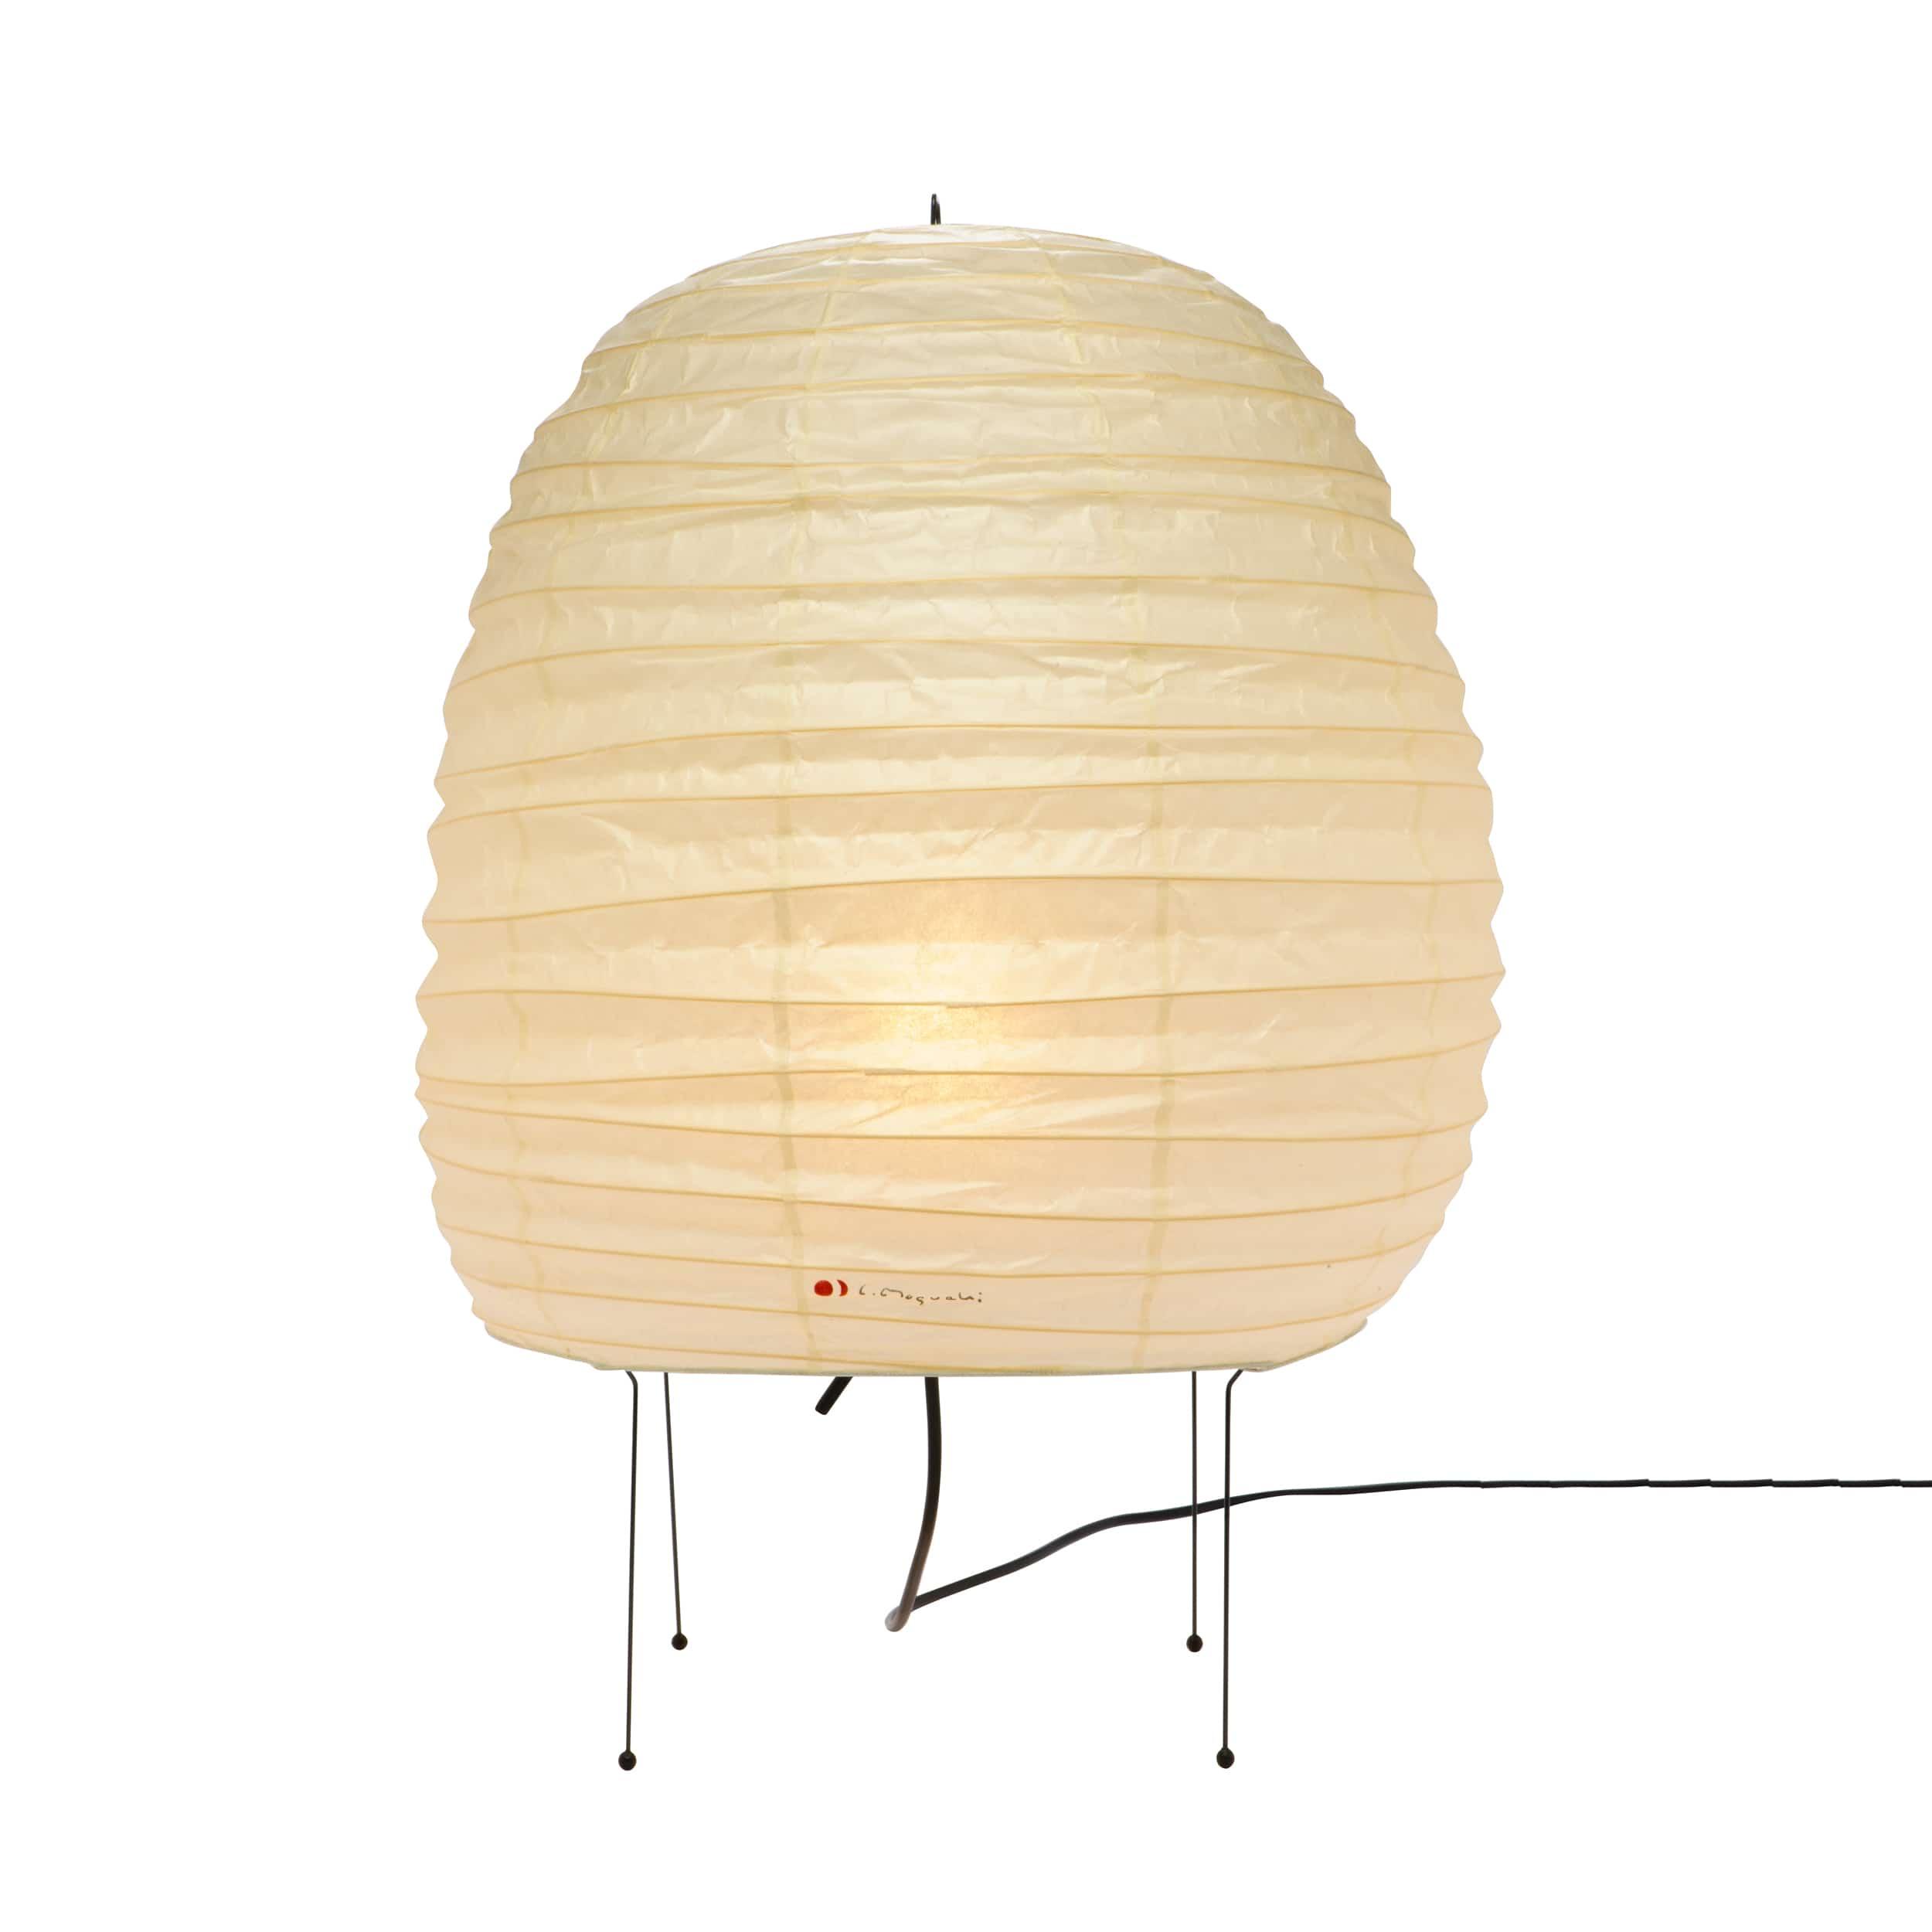 Akari 20N Light Sculpture Tischleuchte